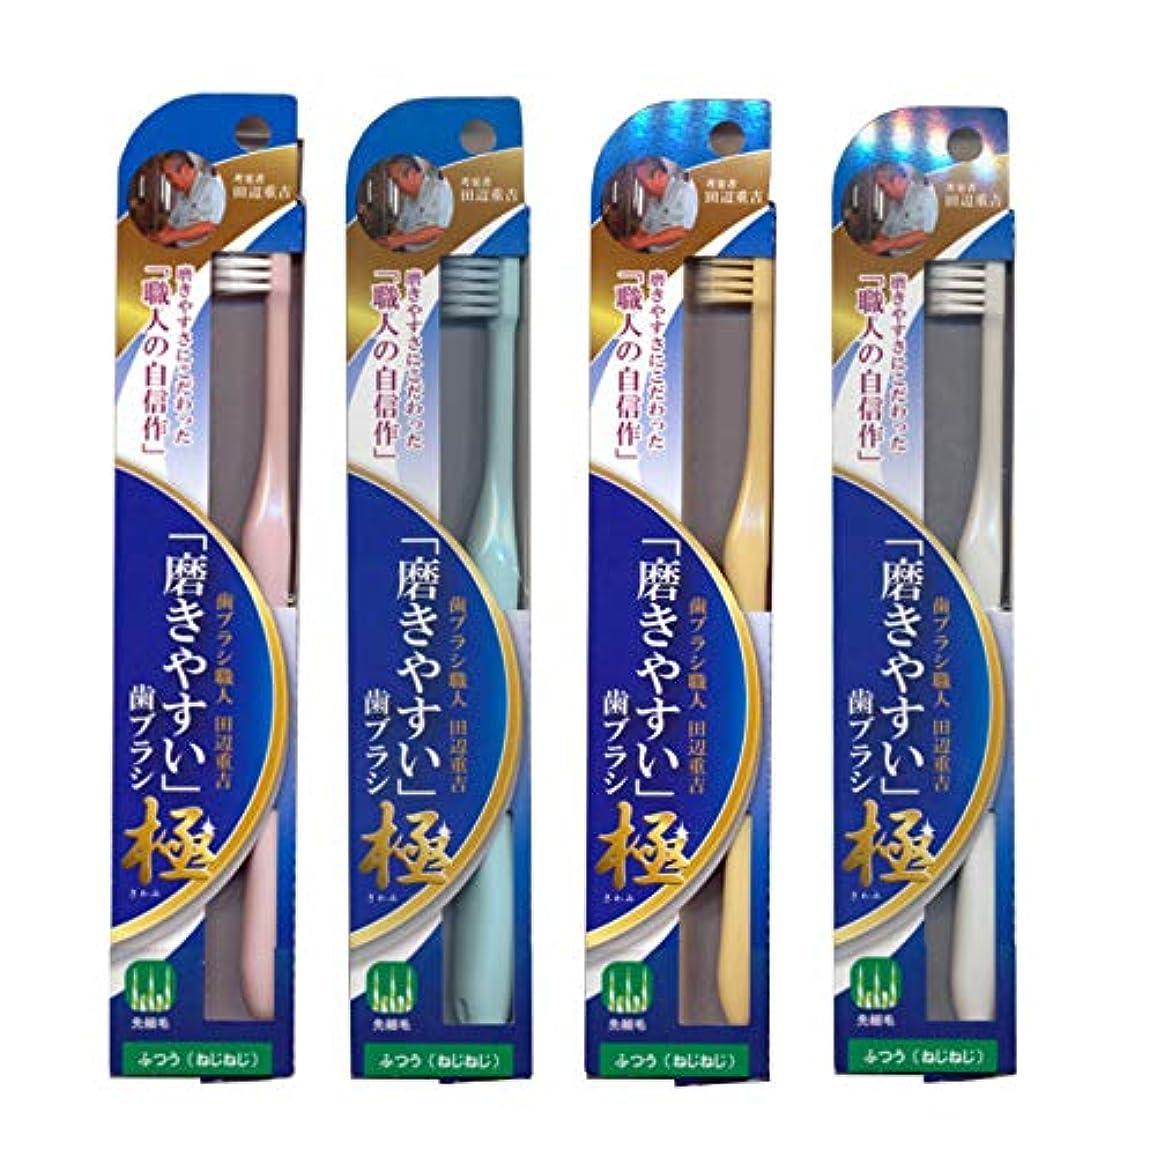 ペインティング凶暴なするだろう磨きやすい歯ブラシ極 (ふつう ねじねじ) LT-45×12本セット(ピンク×3、ブルー×3、ホワイト×3、イエロー×3) 先細毛